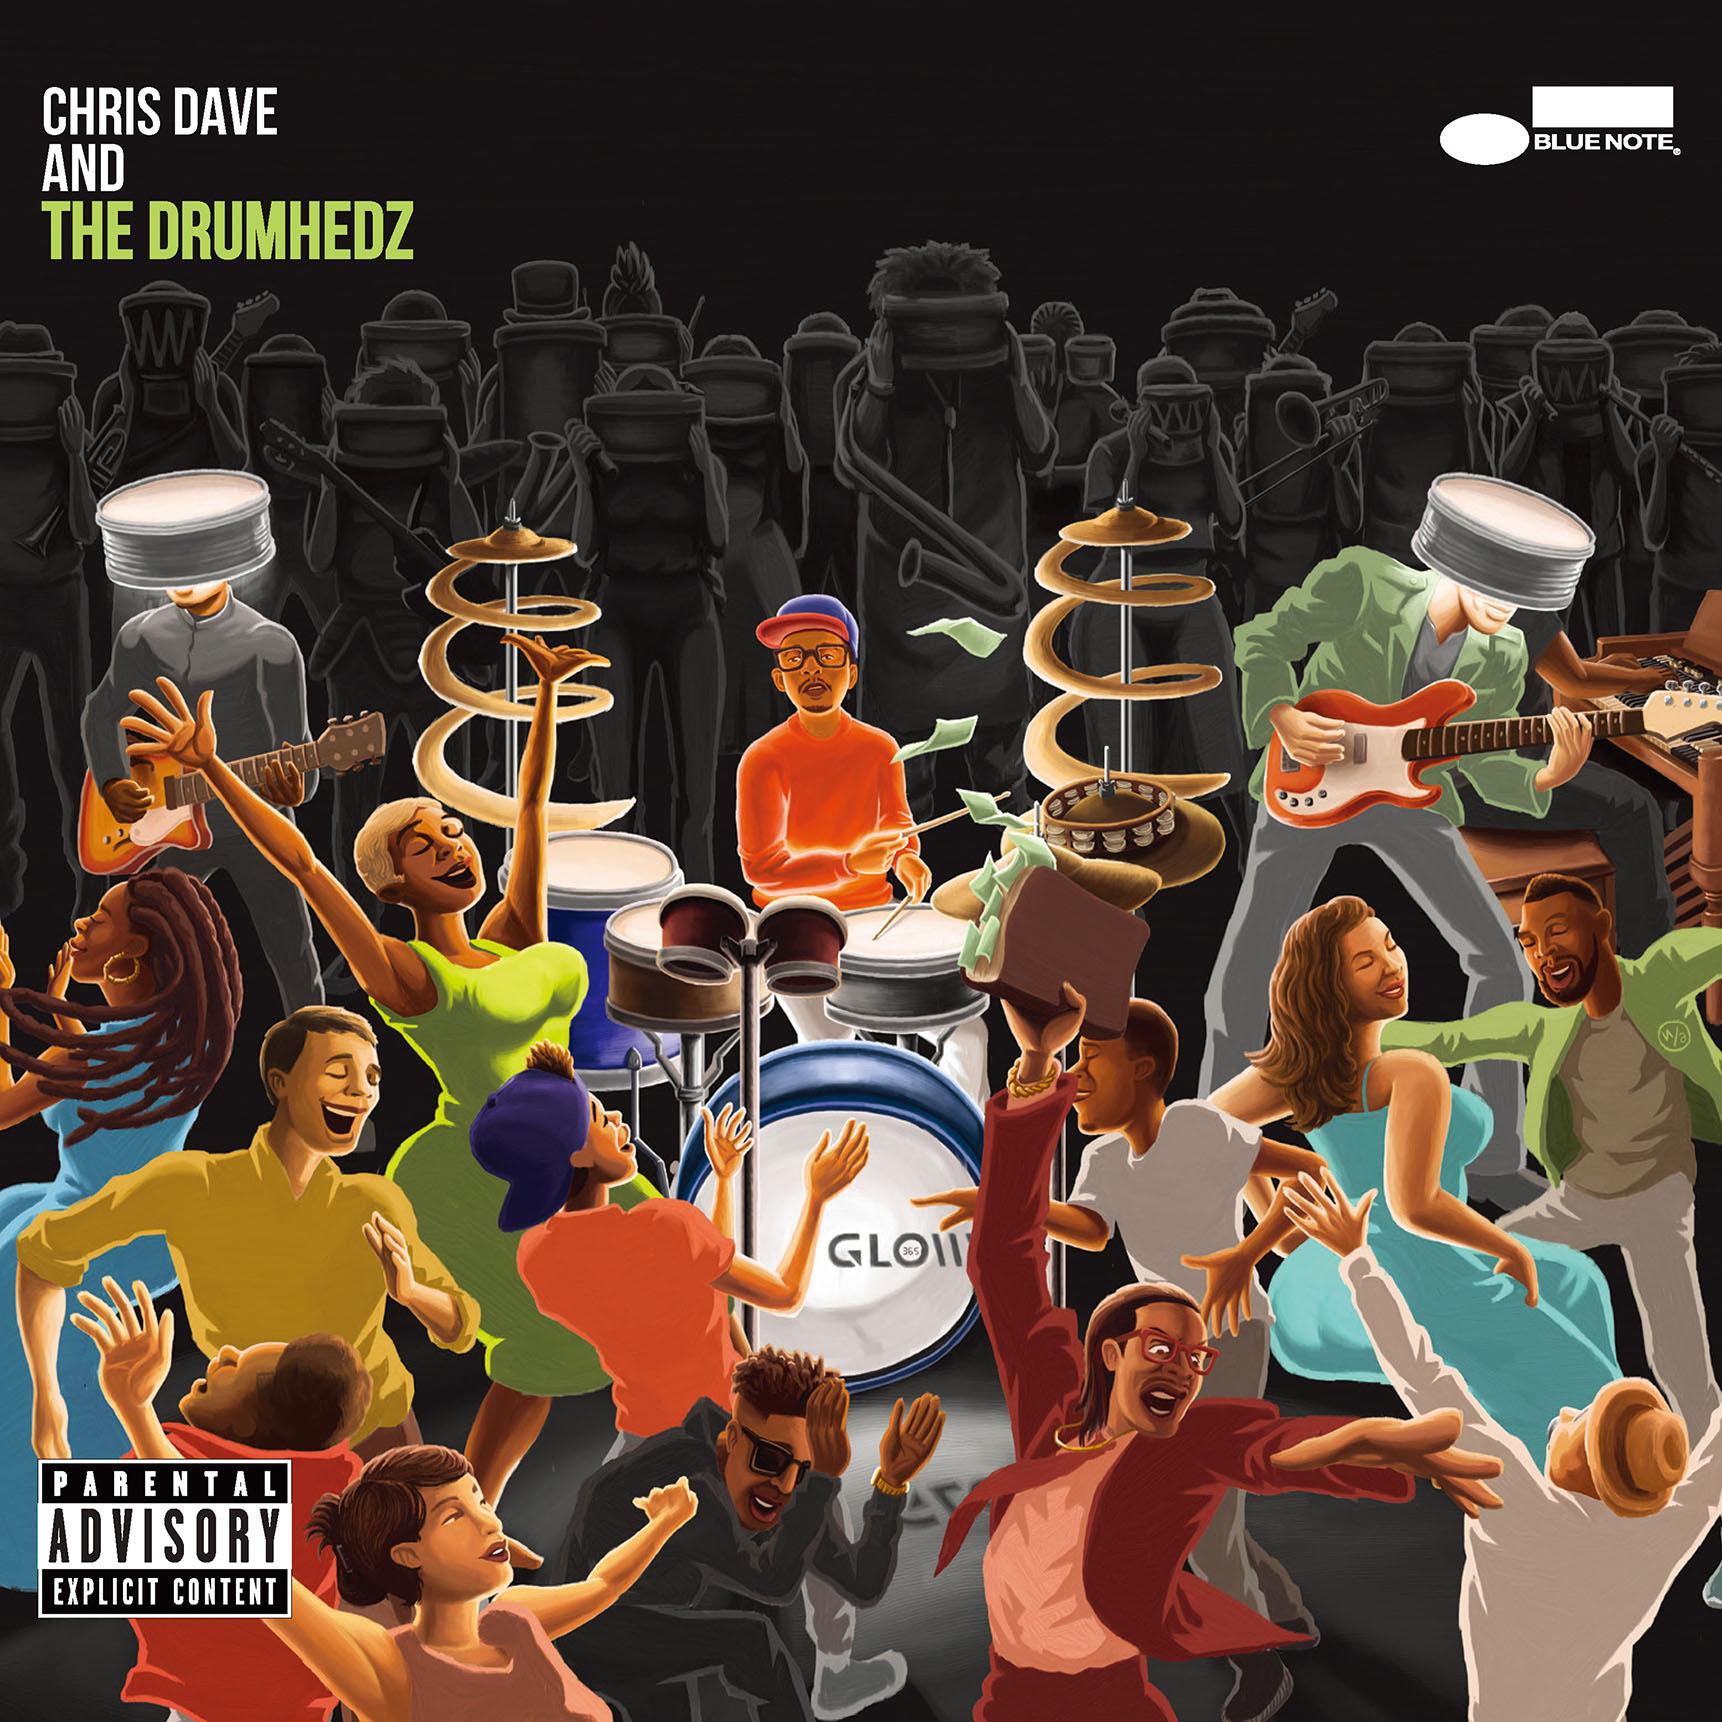 クリス・デイヴ&ザ・ドラムヘッズ『クリス・デイヴ&ザ・ドラムヘッズ』